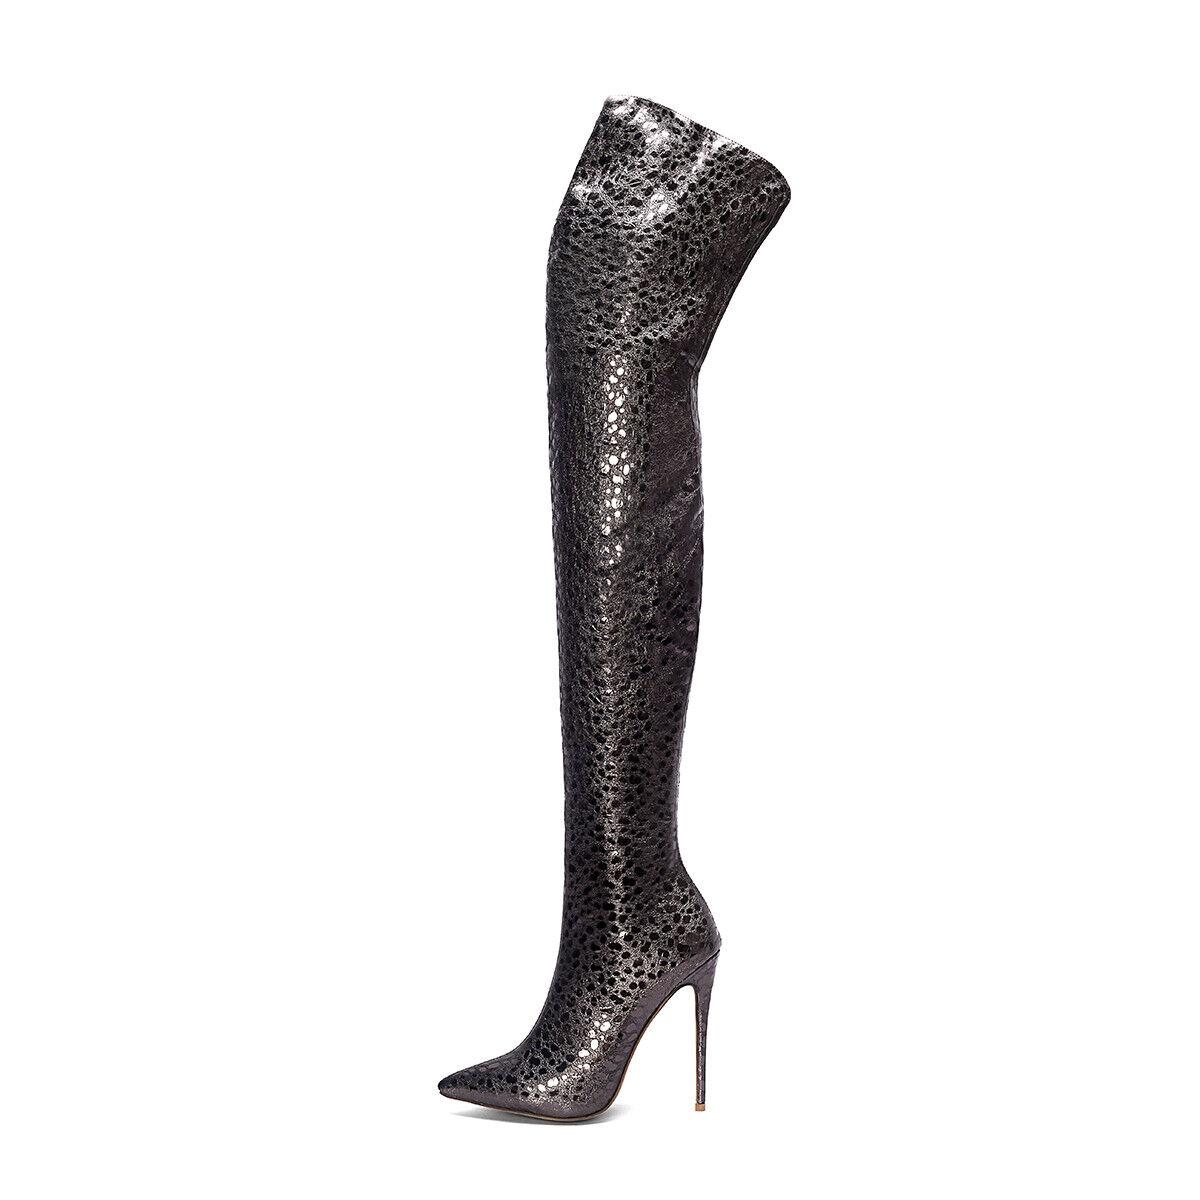 Para Mujer Zapatos Stiletto Puntiagudo Cremallera Cremallera Cremallera Sobre la Rodilla botas Taco Alto del muslo Reino Unido Talla O441 ea4c26